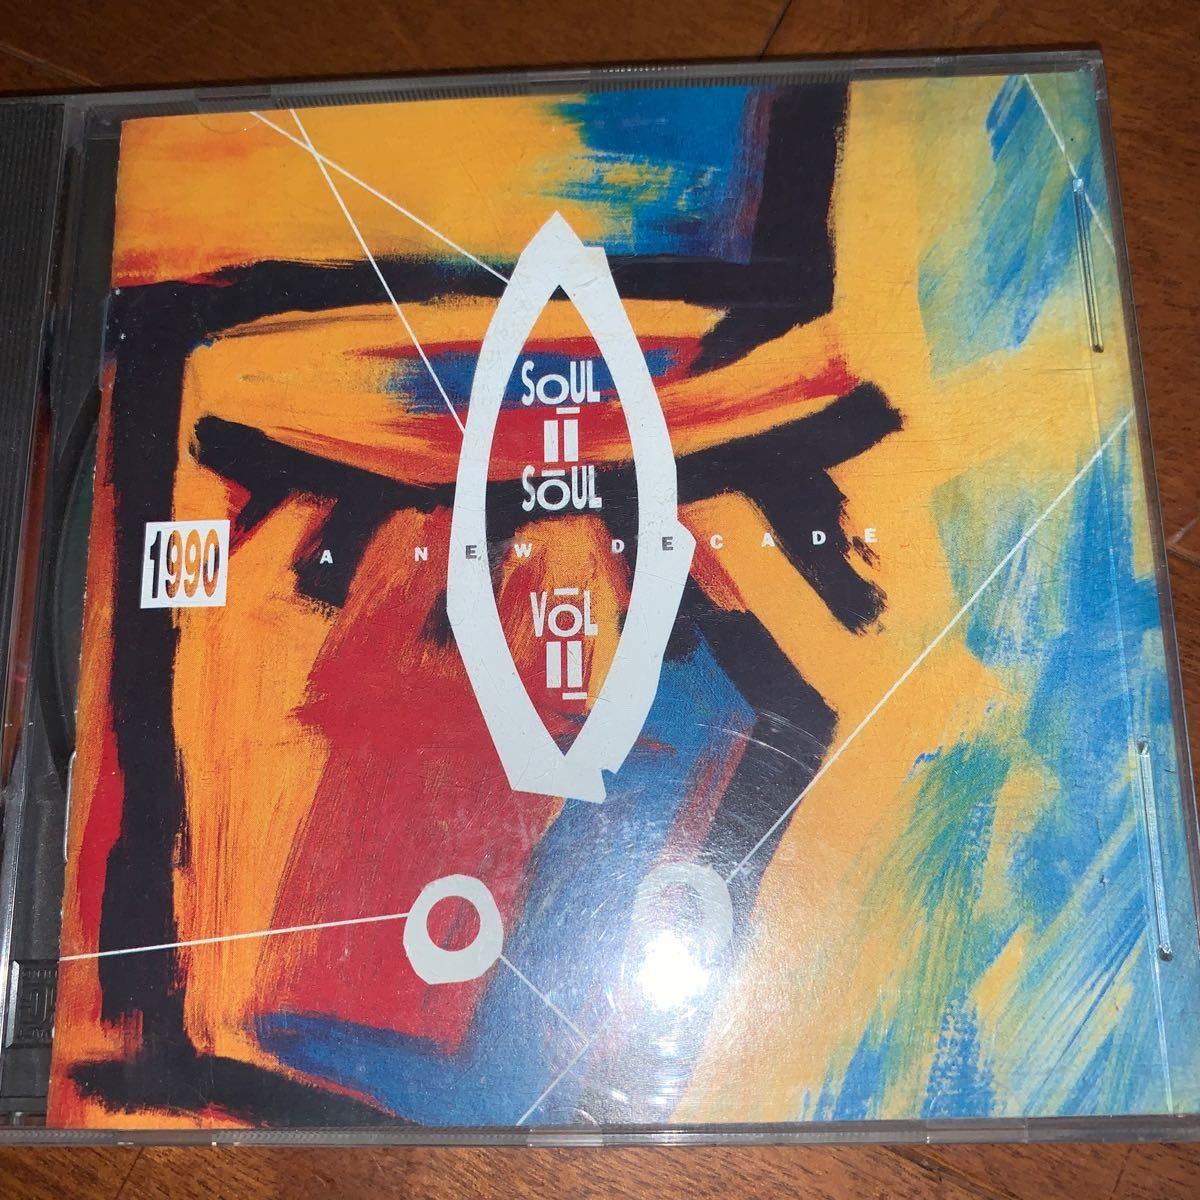 Soul II Soul / Vol II: 1990 A New Decade